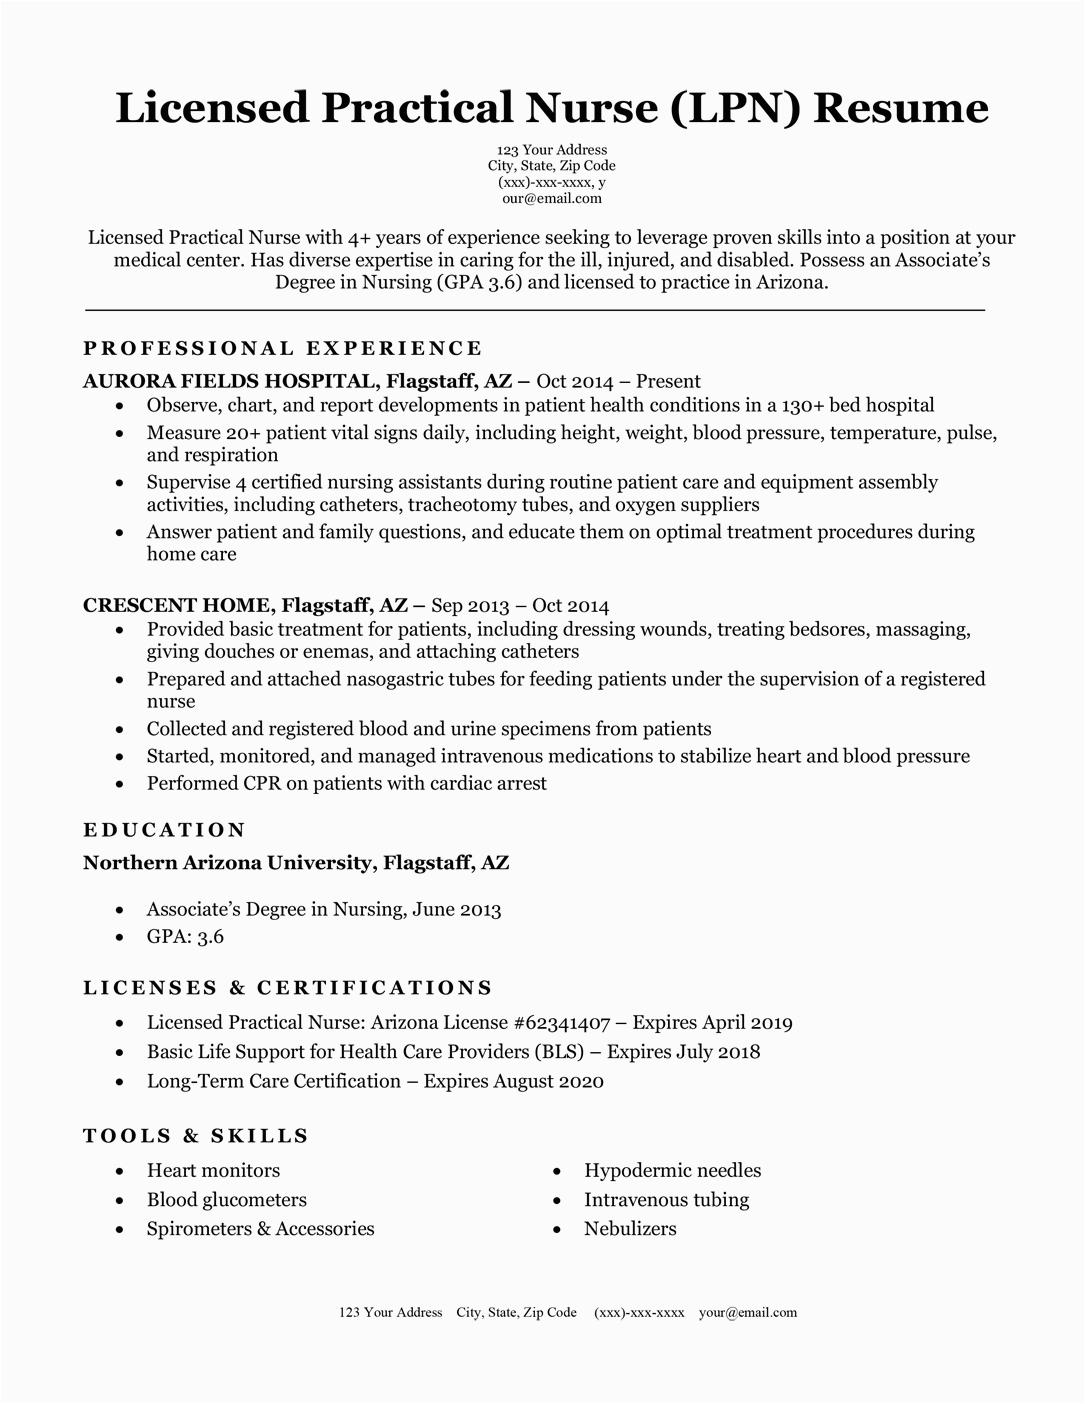 Licensed Practical Nurse Lpn Resume Sample Licensed Practical Nurse Lpn Resume Sample & Writing